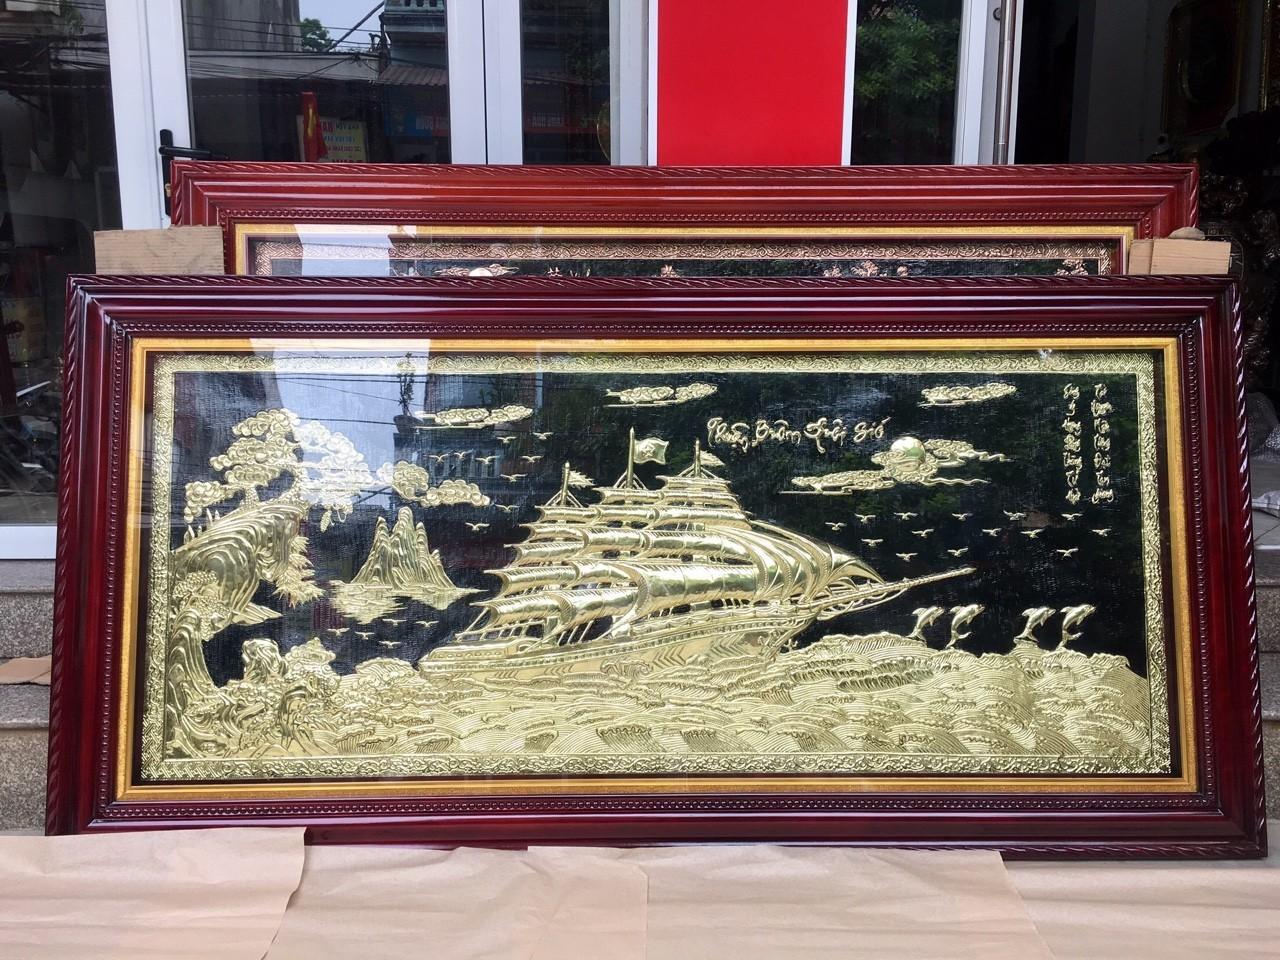 Tranh đồng mỹ nghệ Thuận buồm xuôi gió, giá bán tranh đồng mỹ nghệ